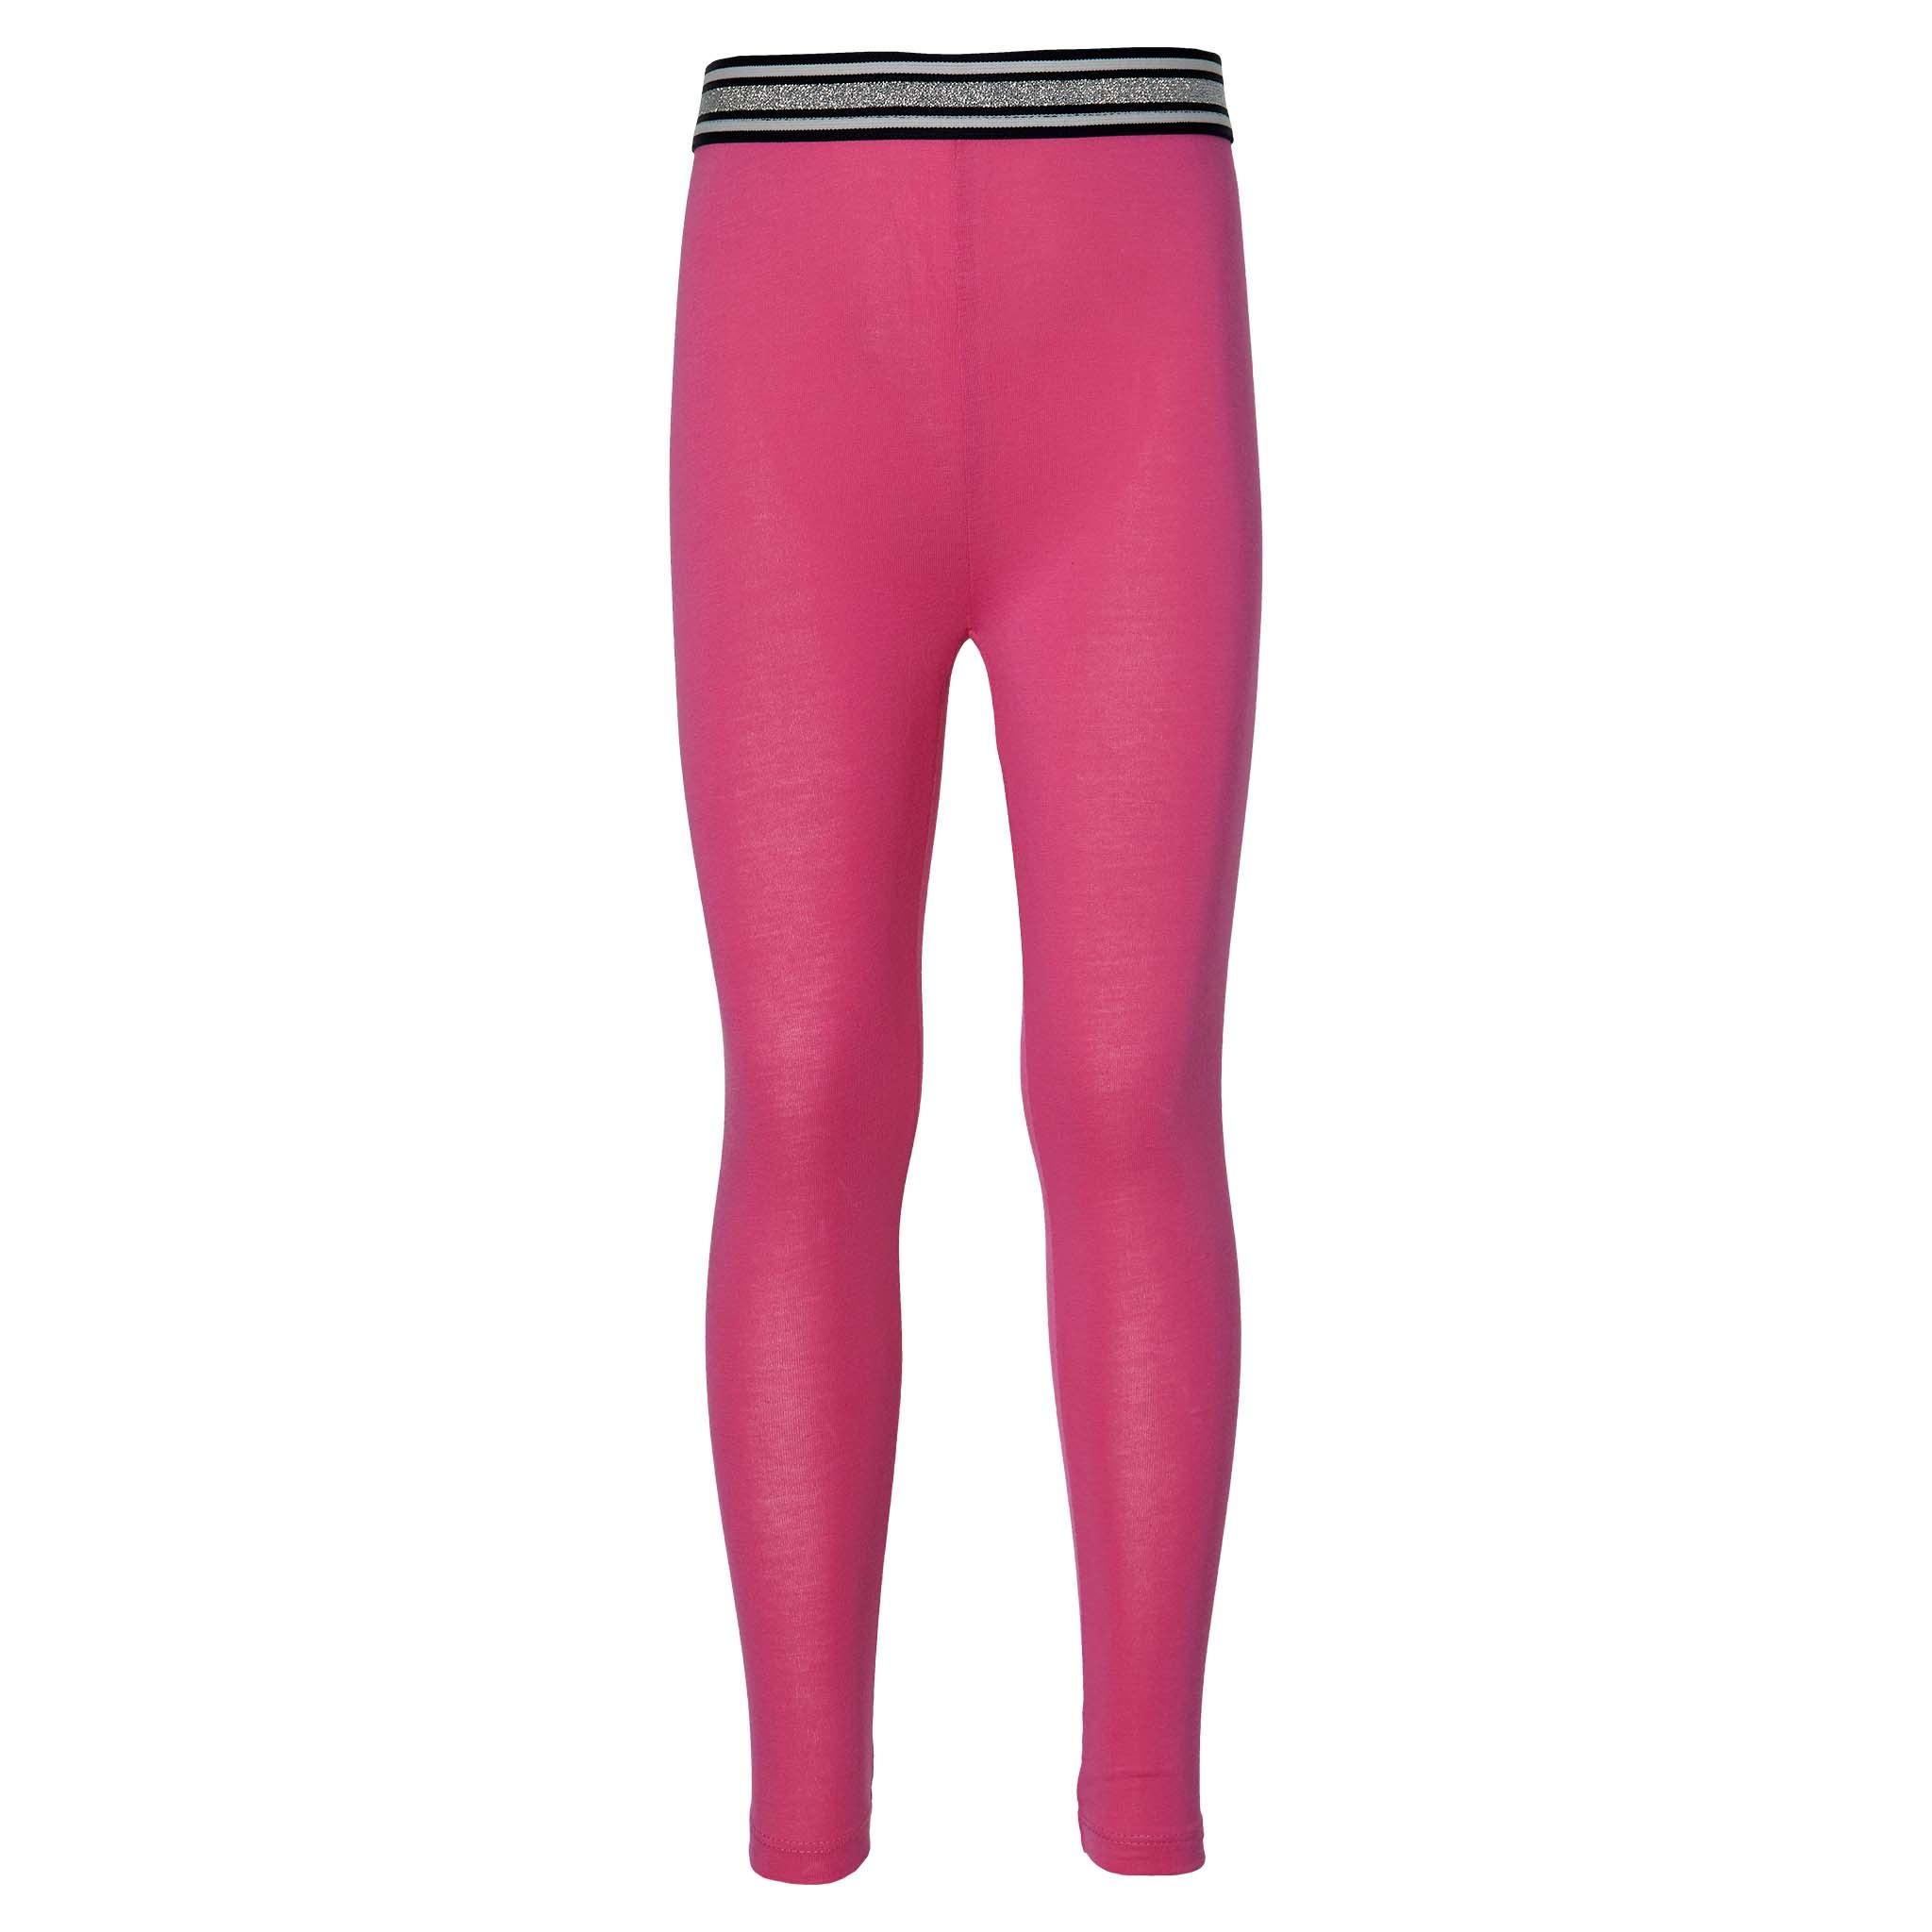 legging Flo hot pink